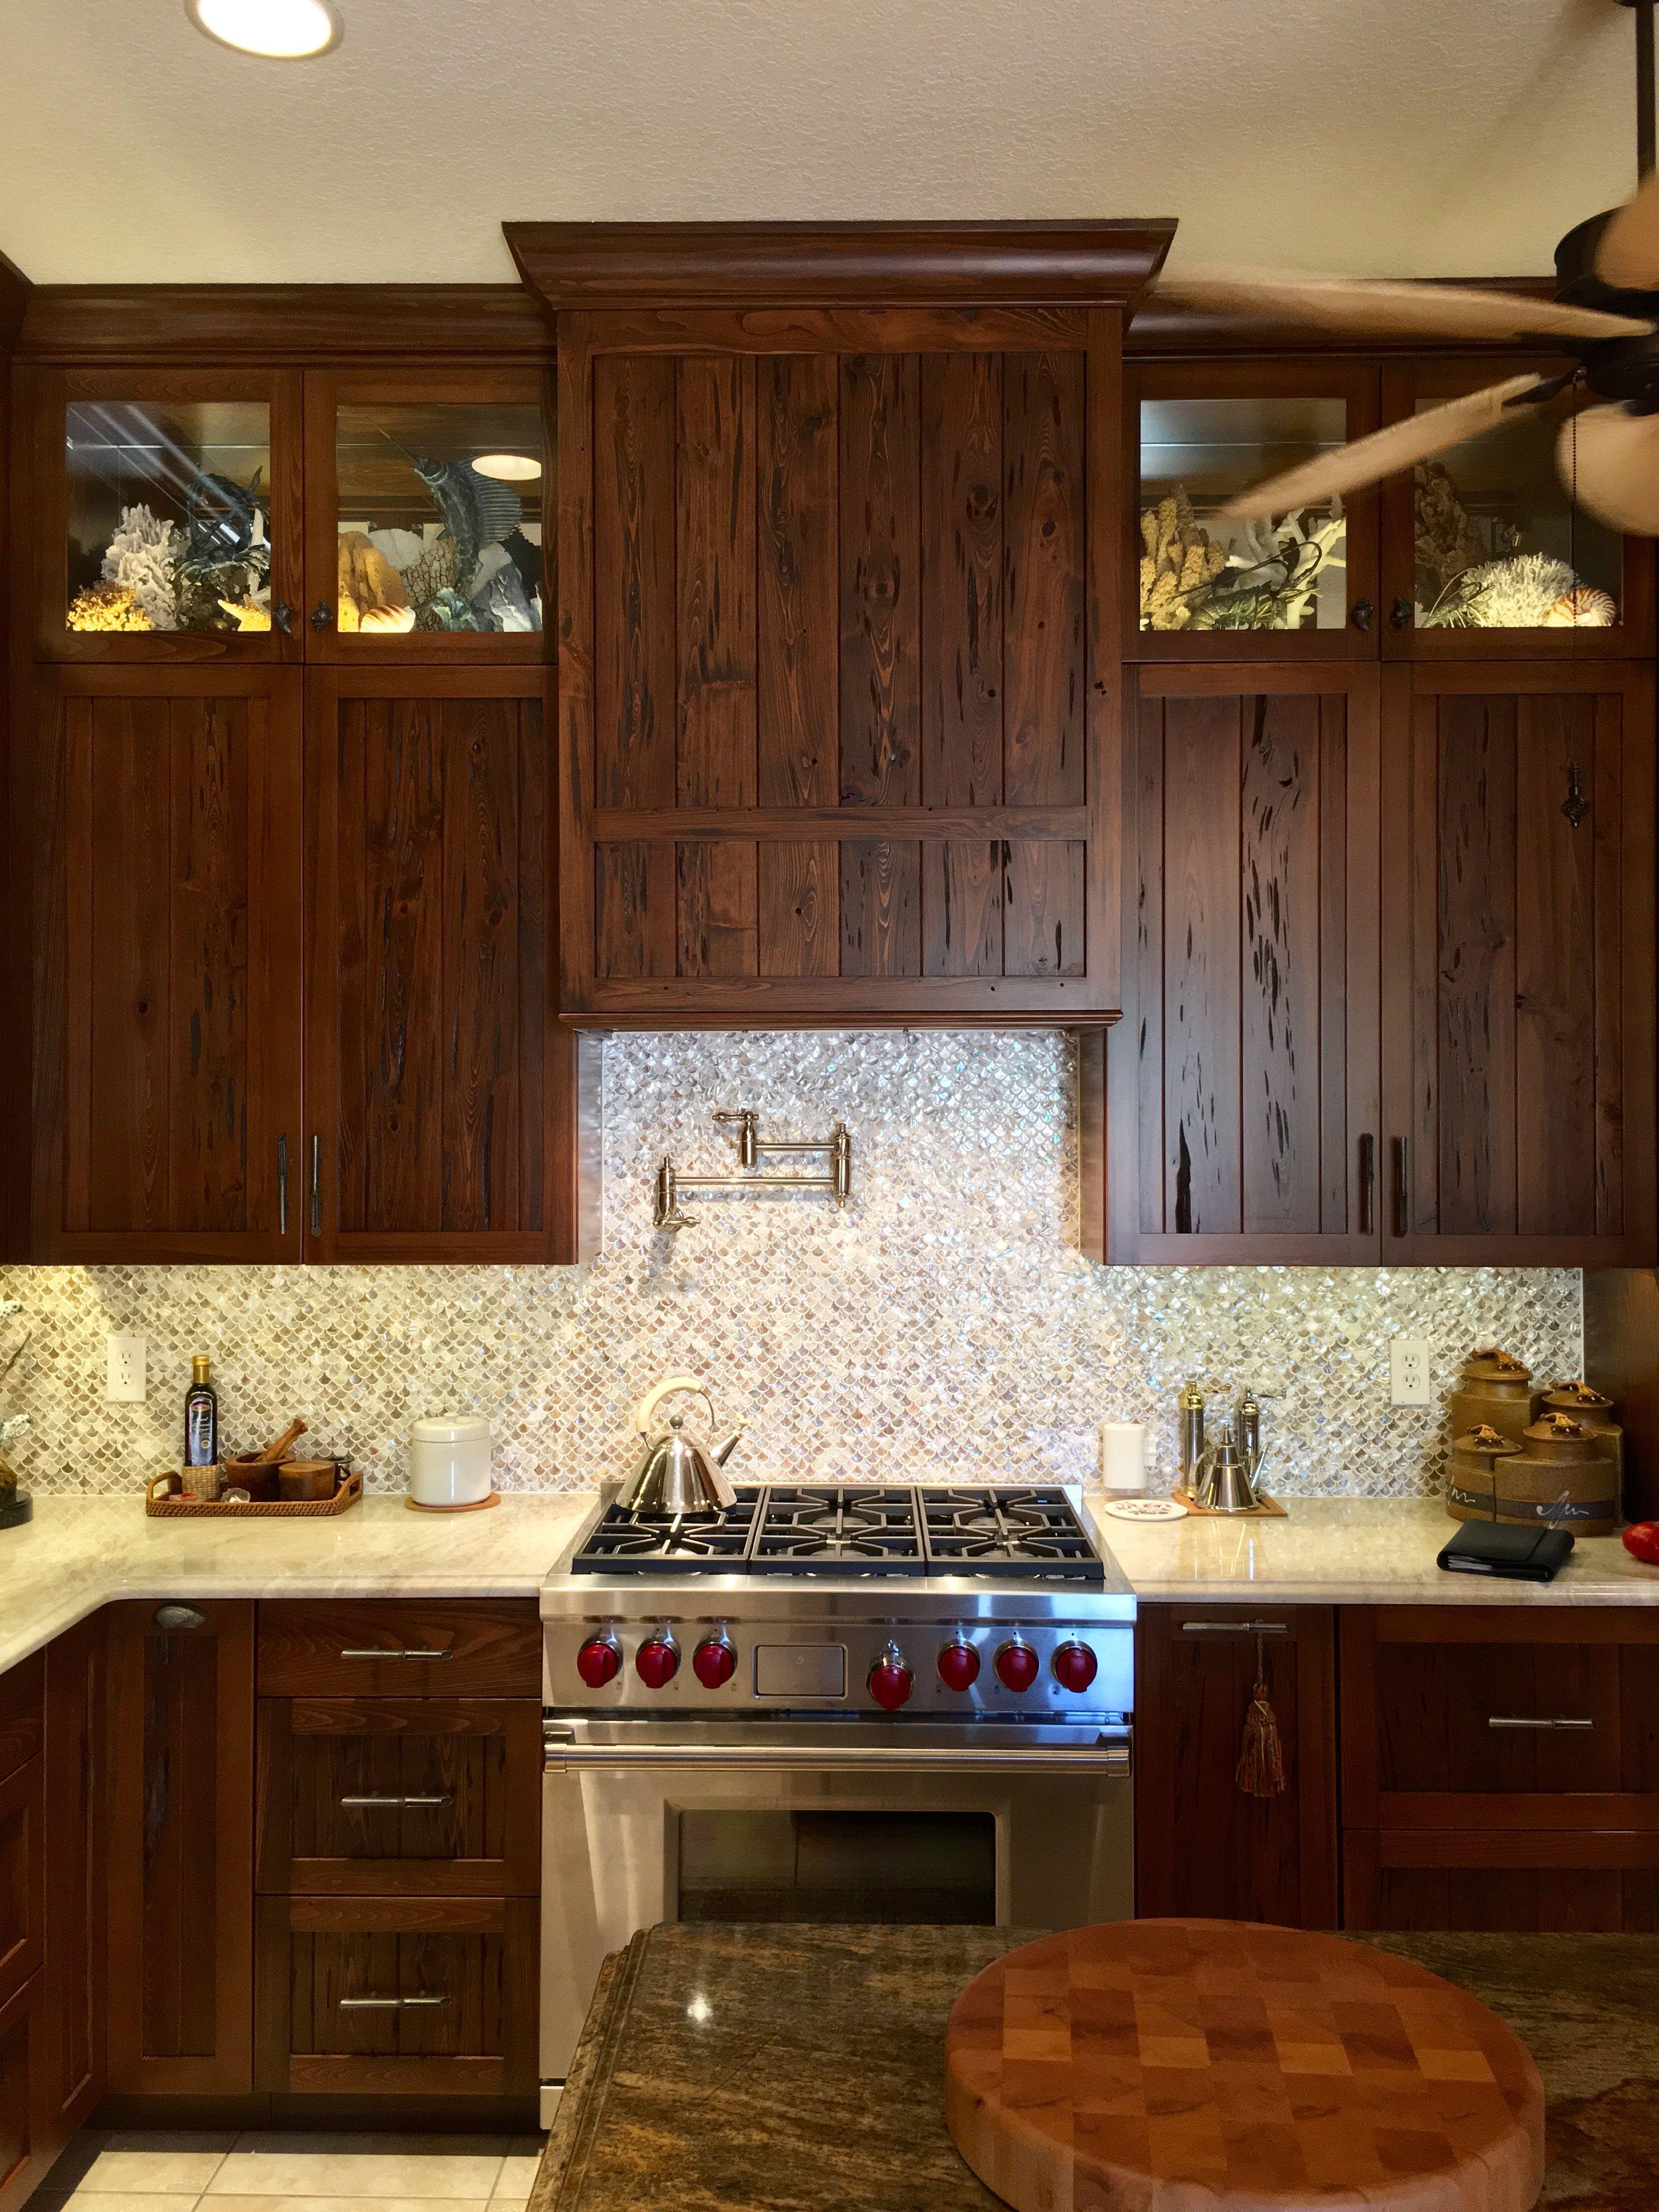 Countertops Are Natural Quartzite Taj Mahal Cabinets Are Pecky Cypress Exteriors Kitchen Redo Pecky Cypress Kitchen Renovation